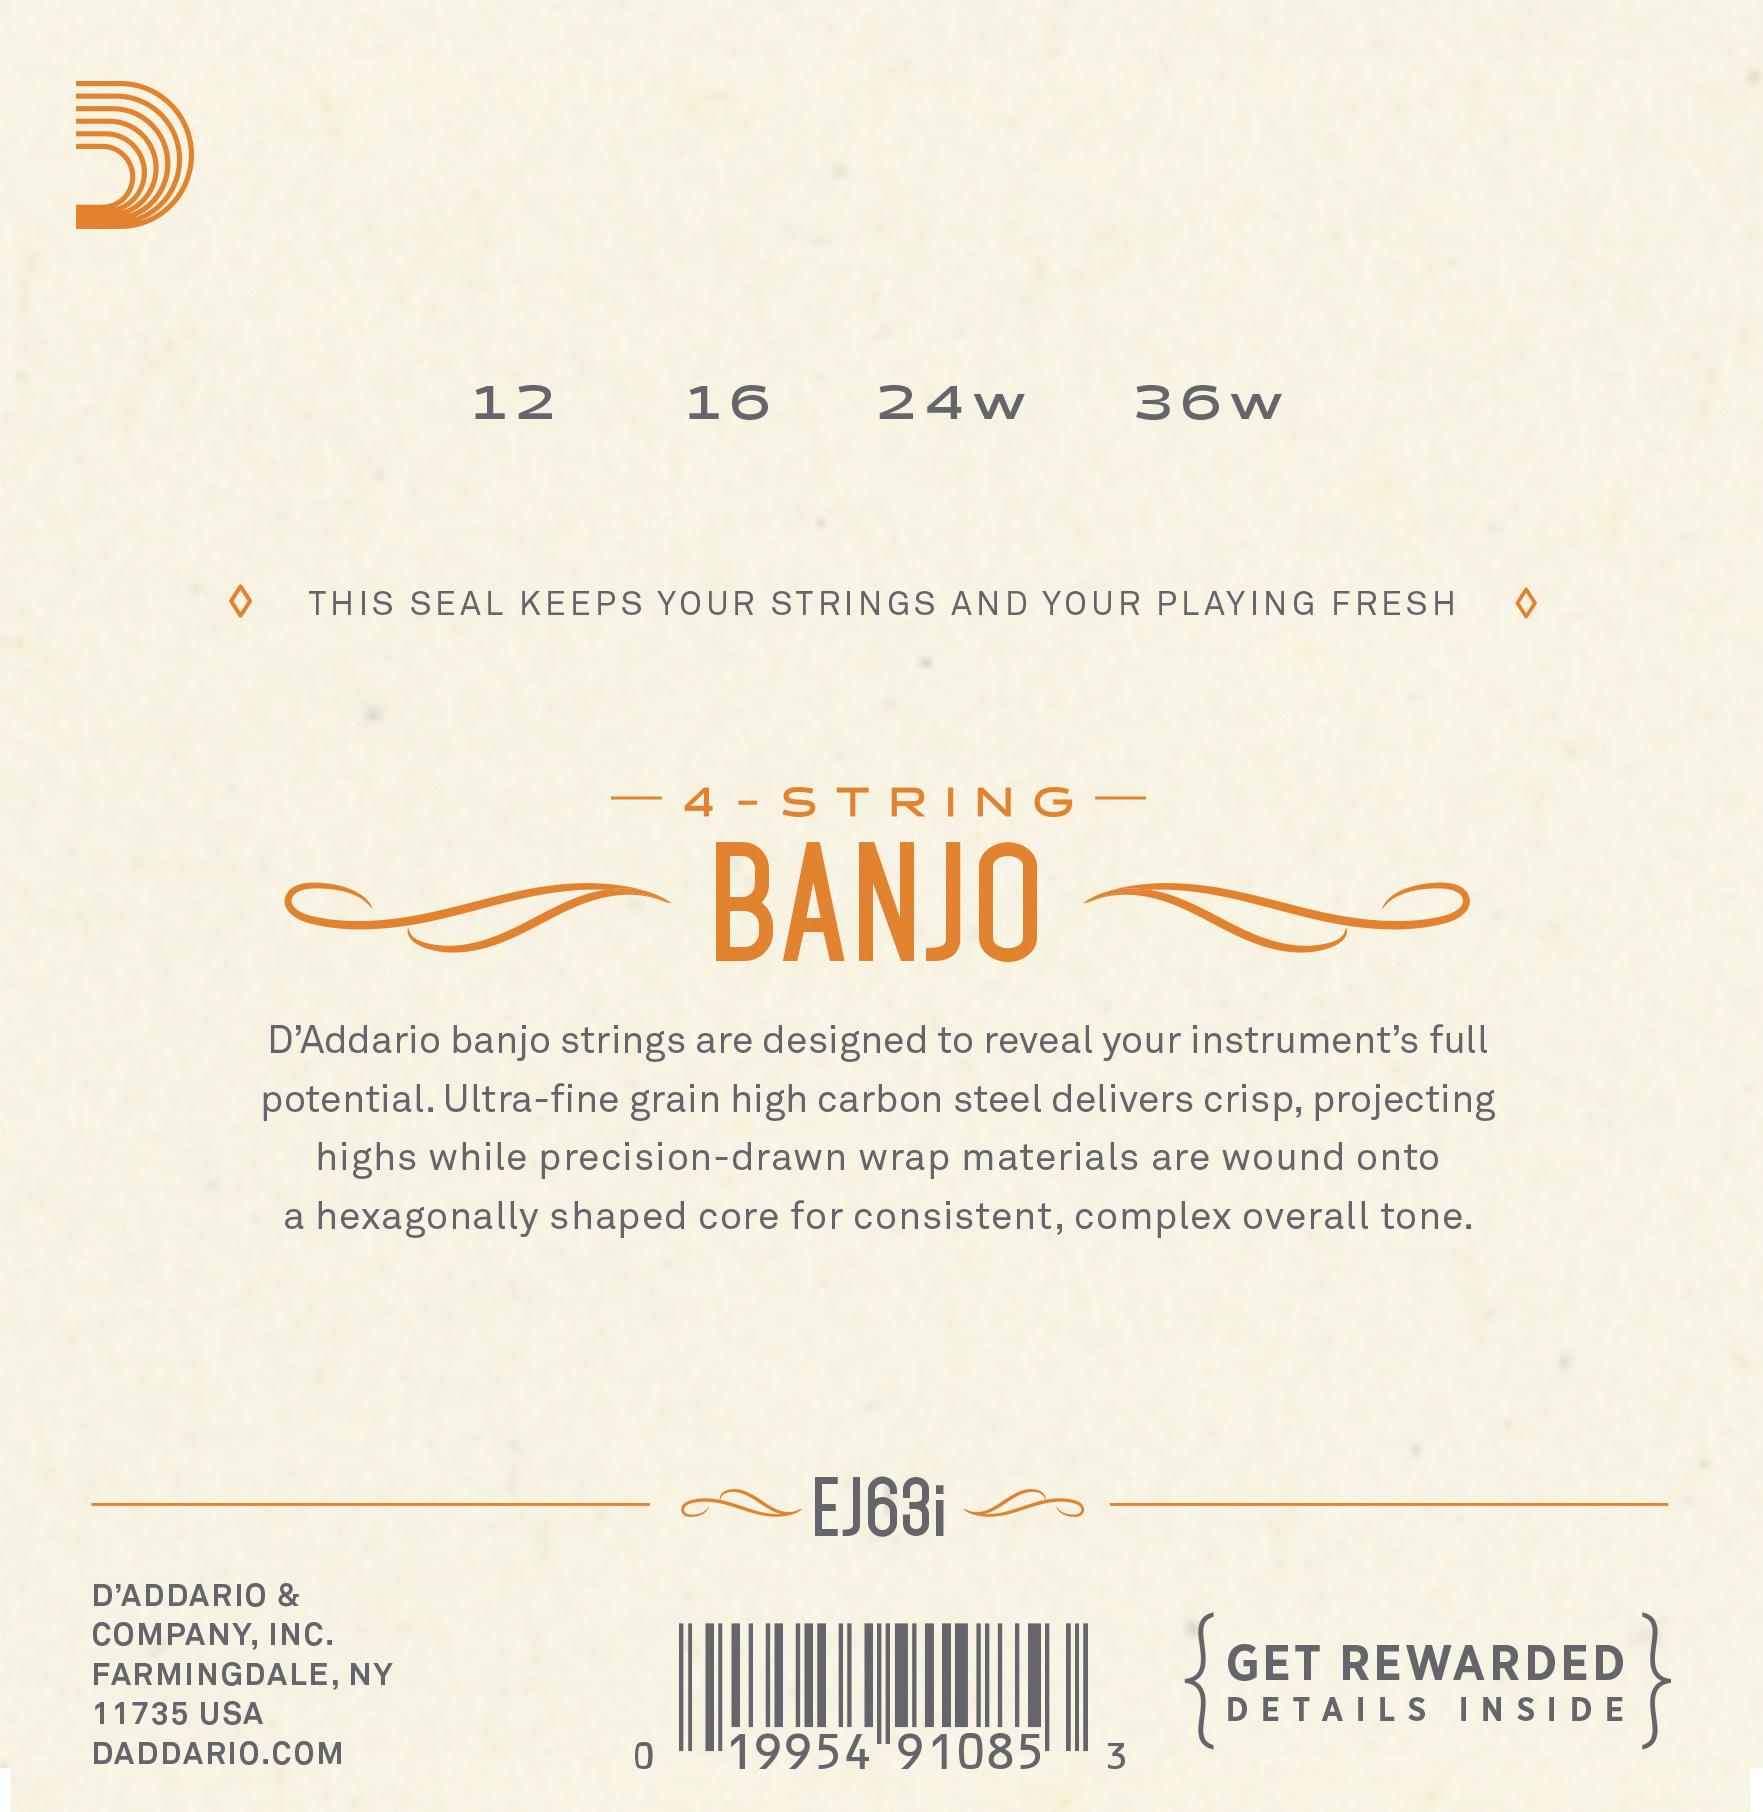 D'Addario EJ63i Irish Tenor Banjo Stringset